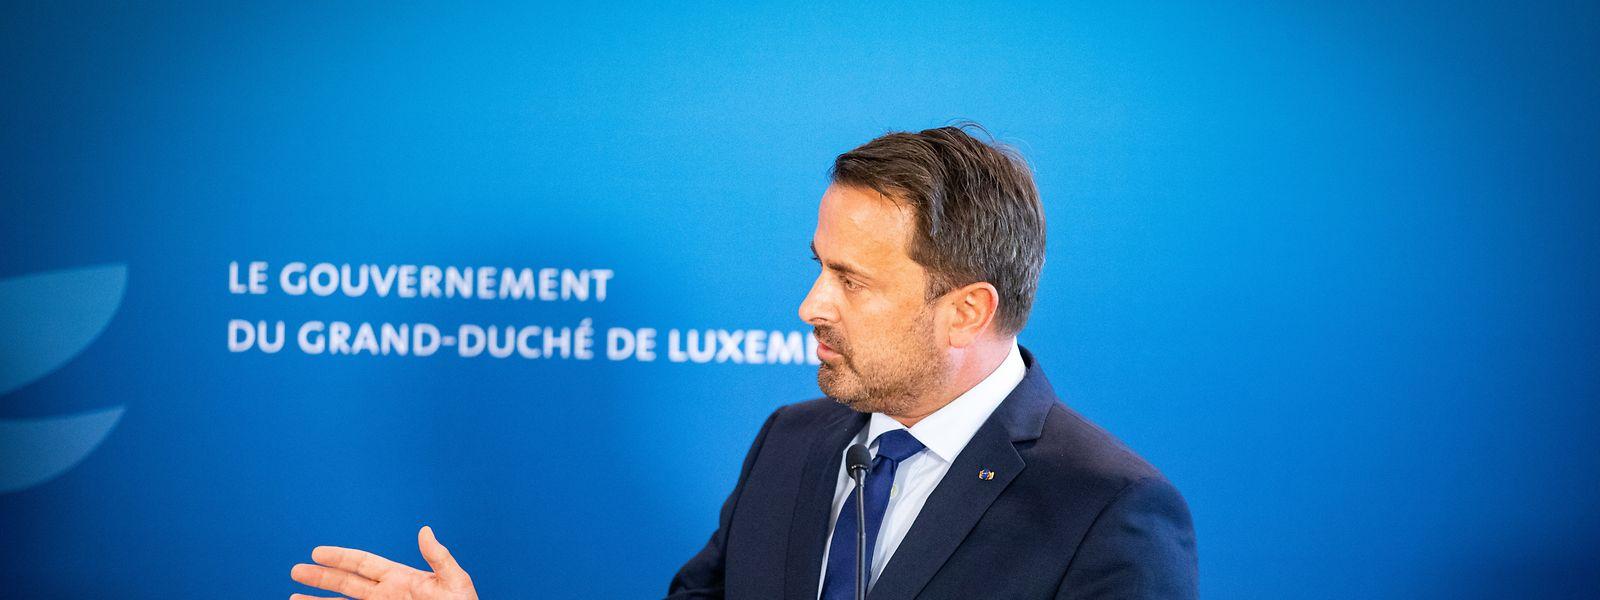 Die Pandemiestrategie des Premierministers Xavier Bettel steht in der Kritik.